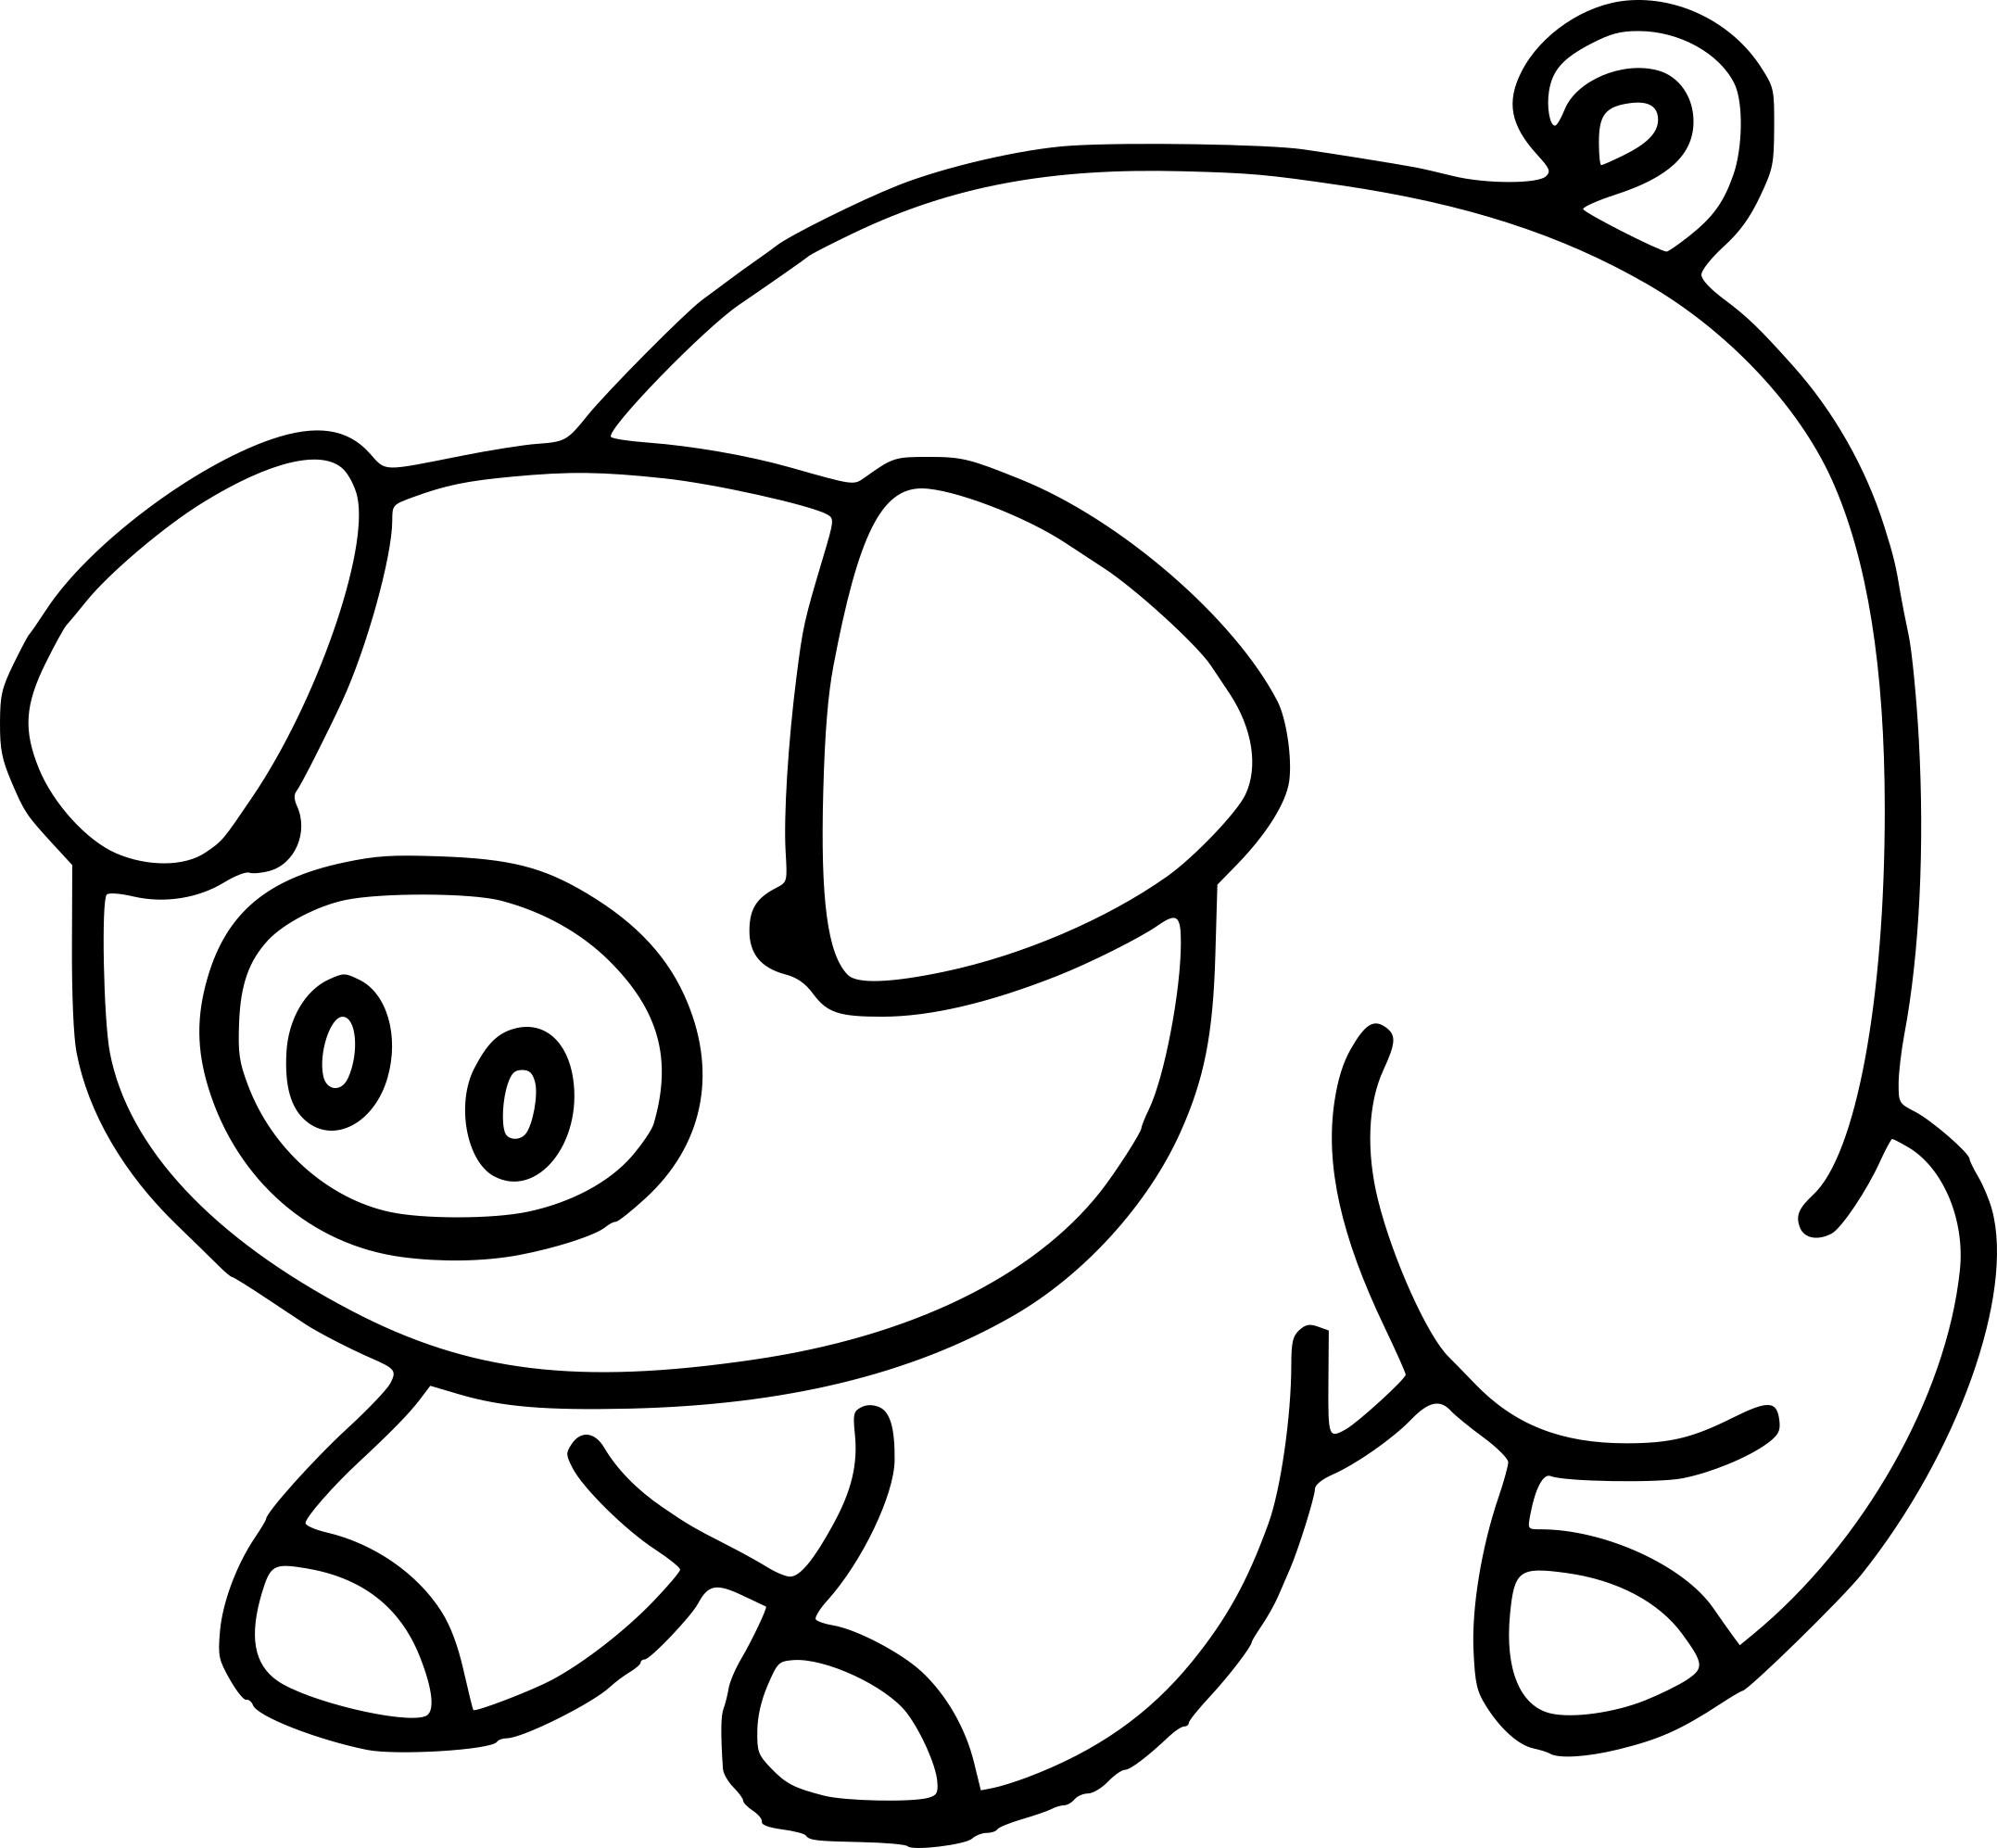 Coloriage Cochon Maternelle À Imprimer Sur Coloriages serapportantà Dessin A Colorier Cochon